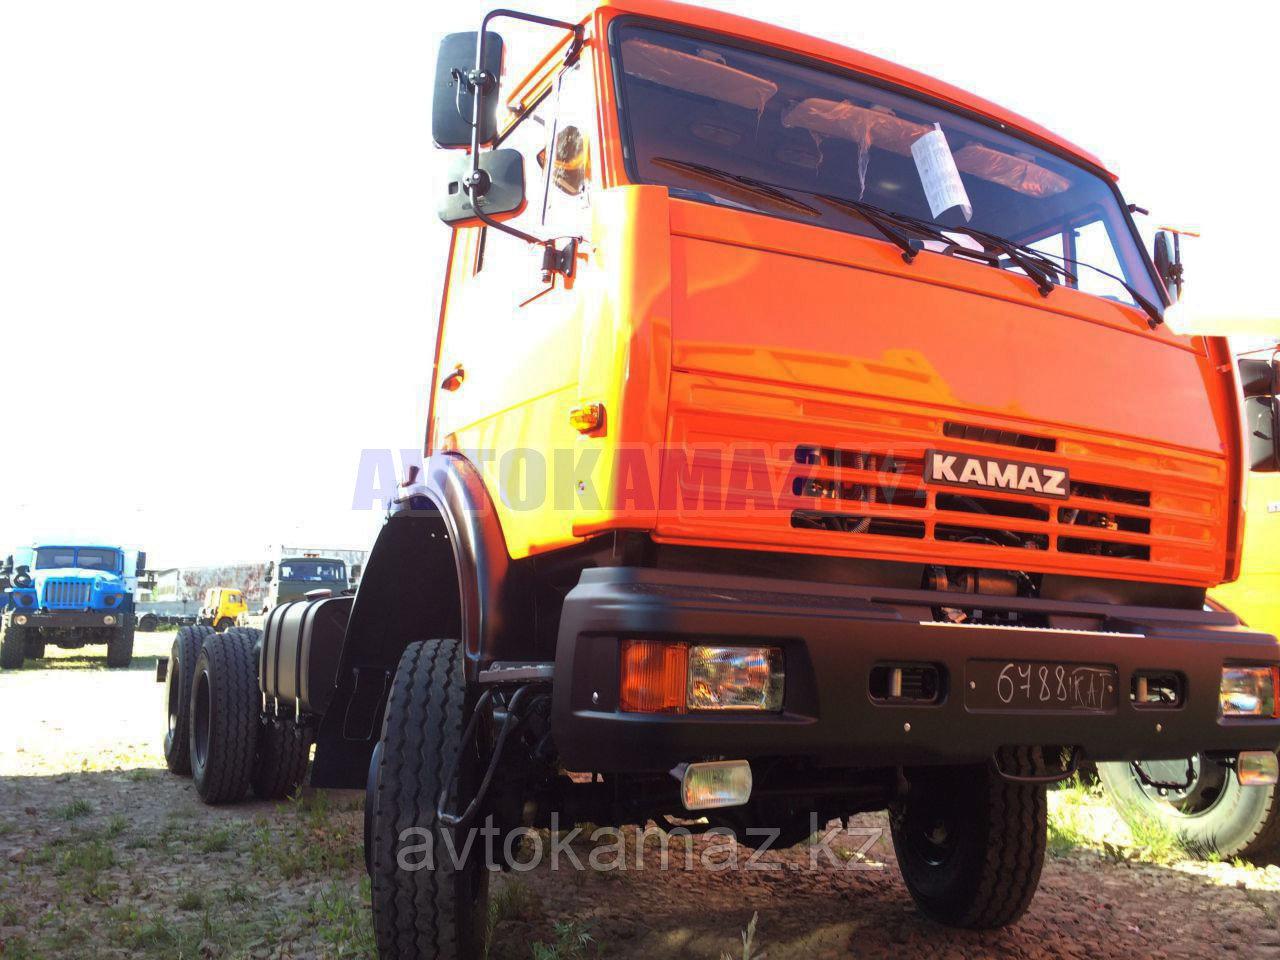 Шасси КамАЗ 53228-1990-15 (Сборка РФ, 2017 г.)